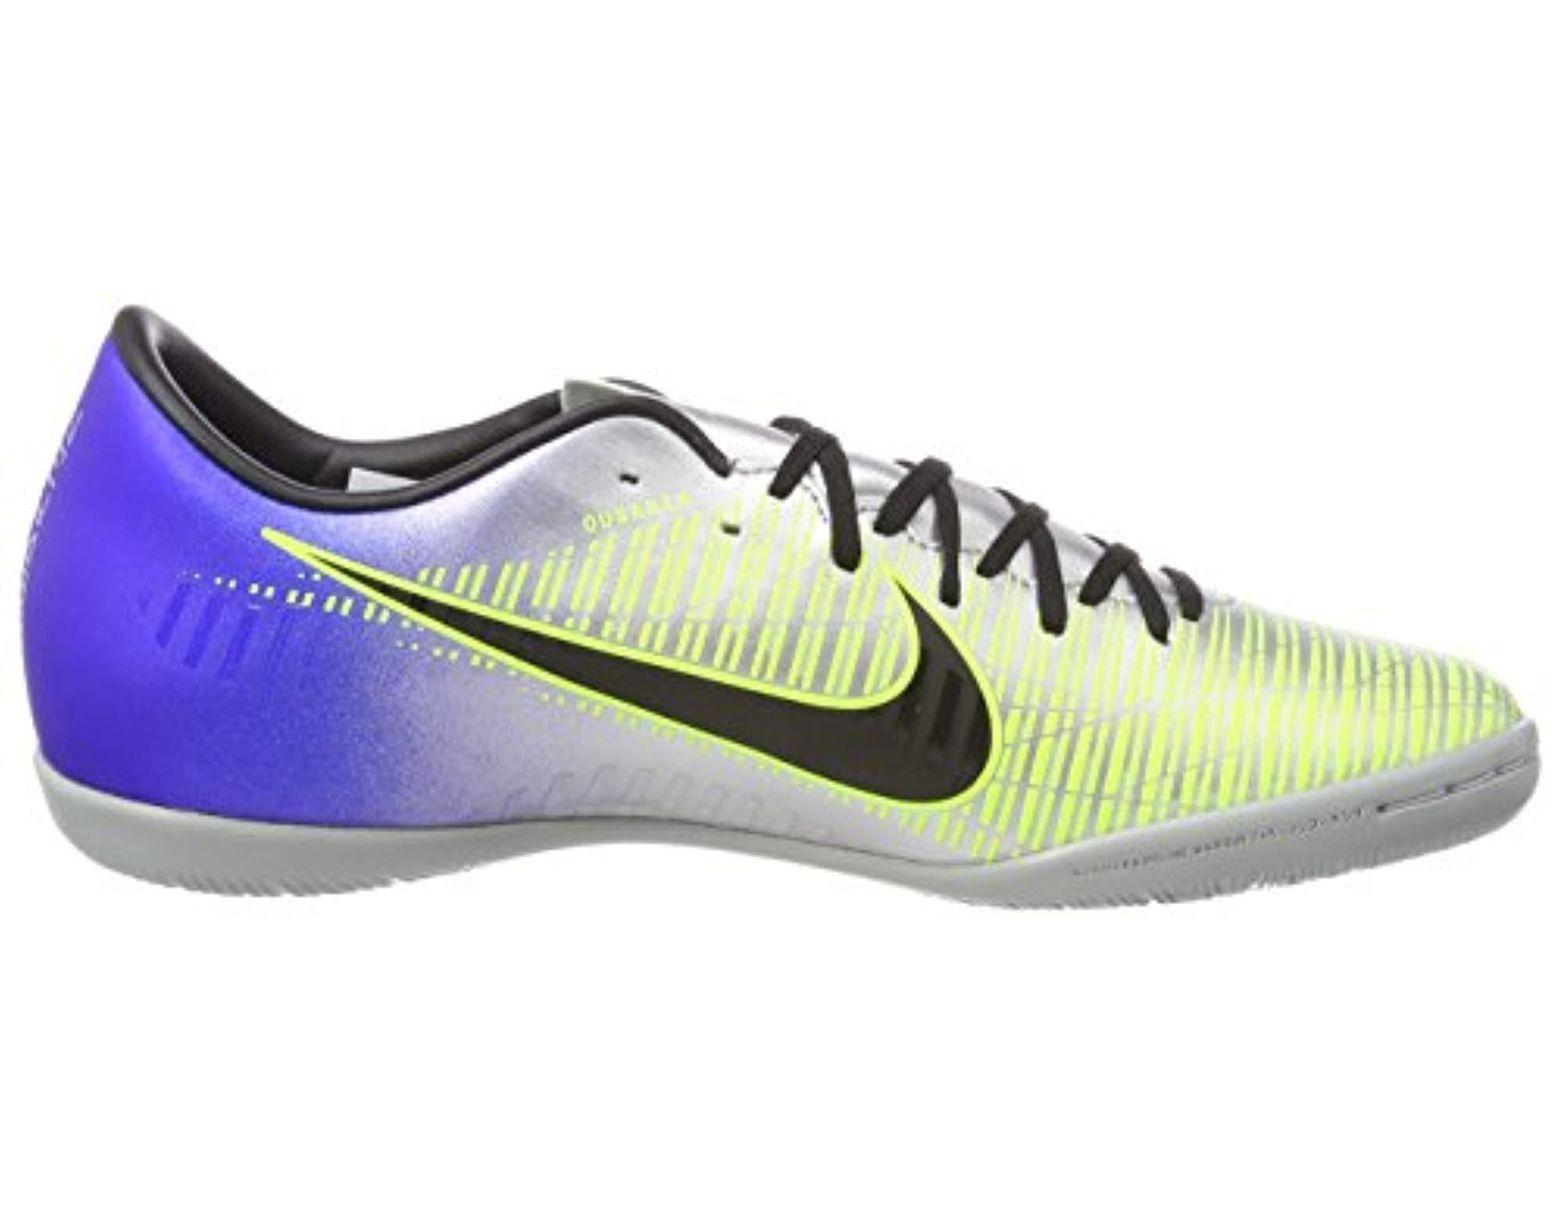 buy online 7fff0 ede39 Nike Mercurialx Victory Vi Neymar Ic Footbal Shoes in Blue ...